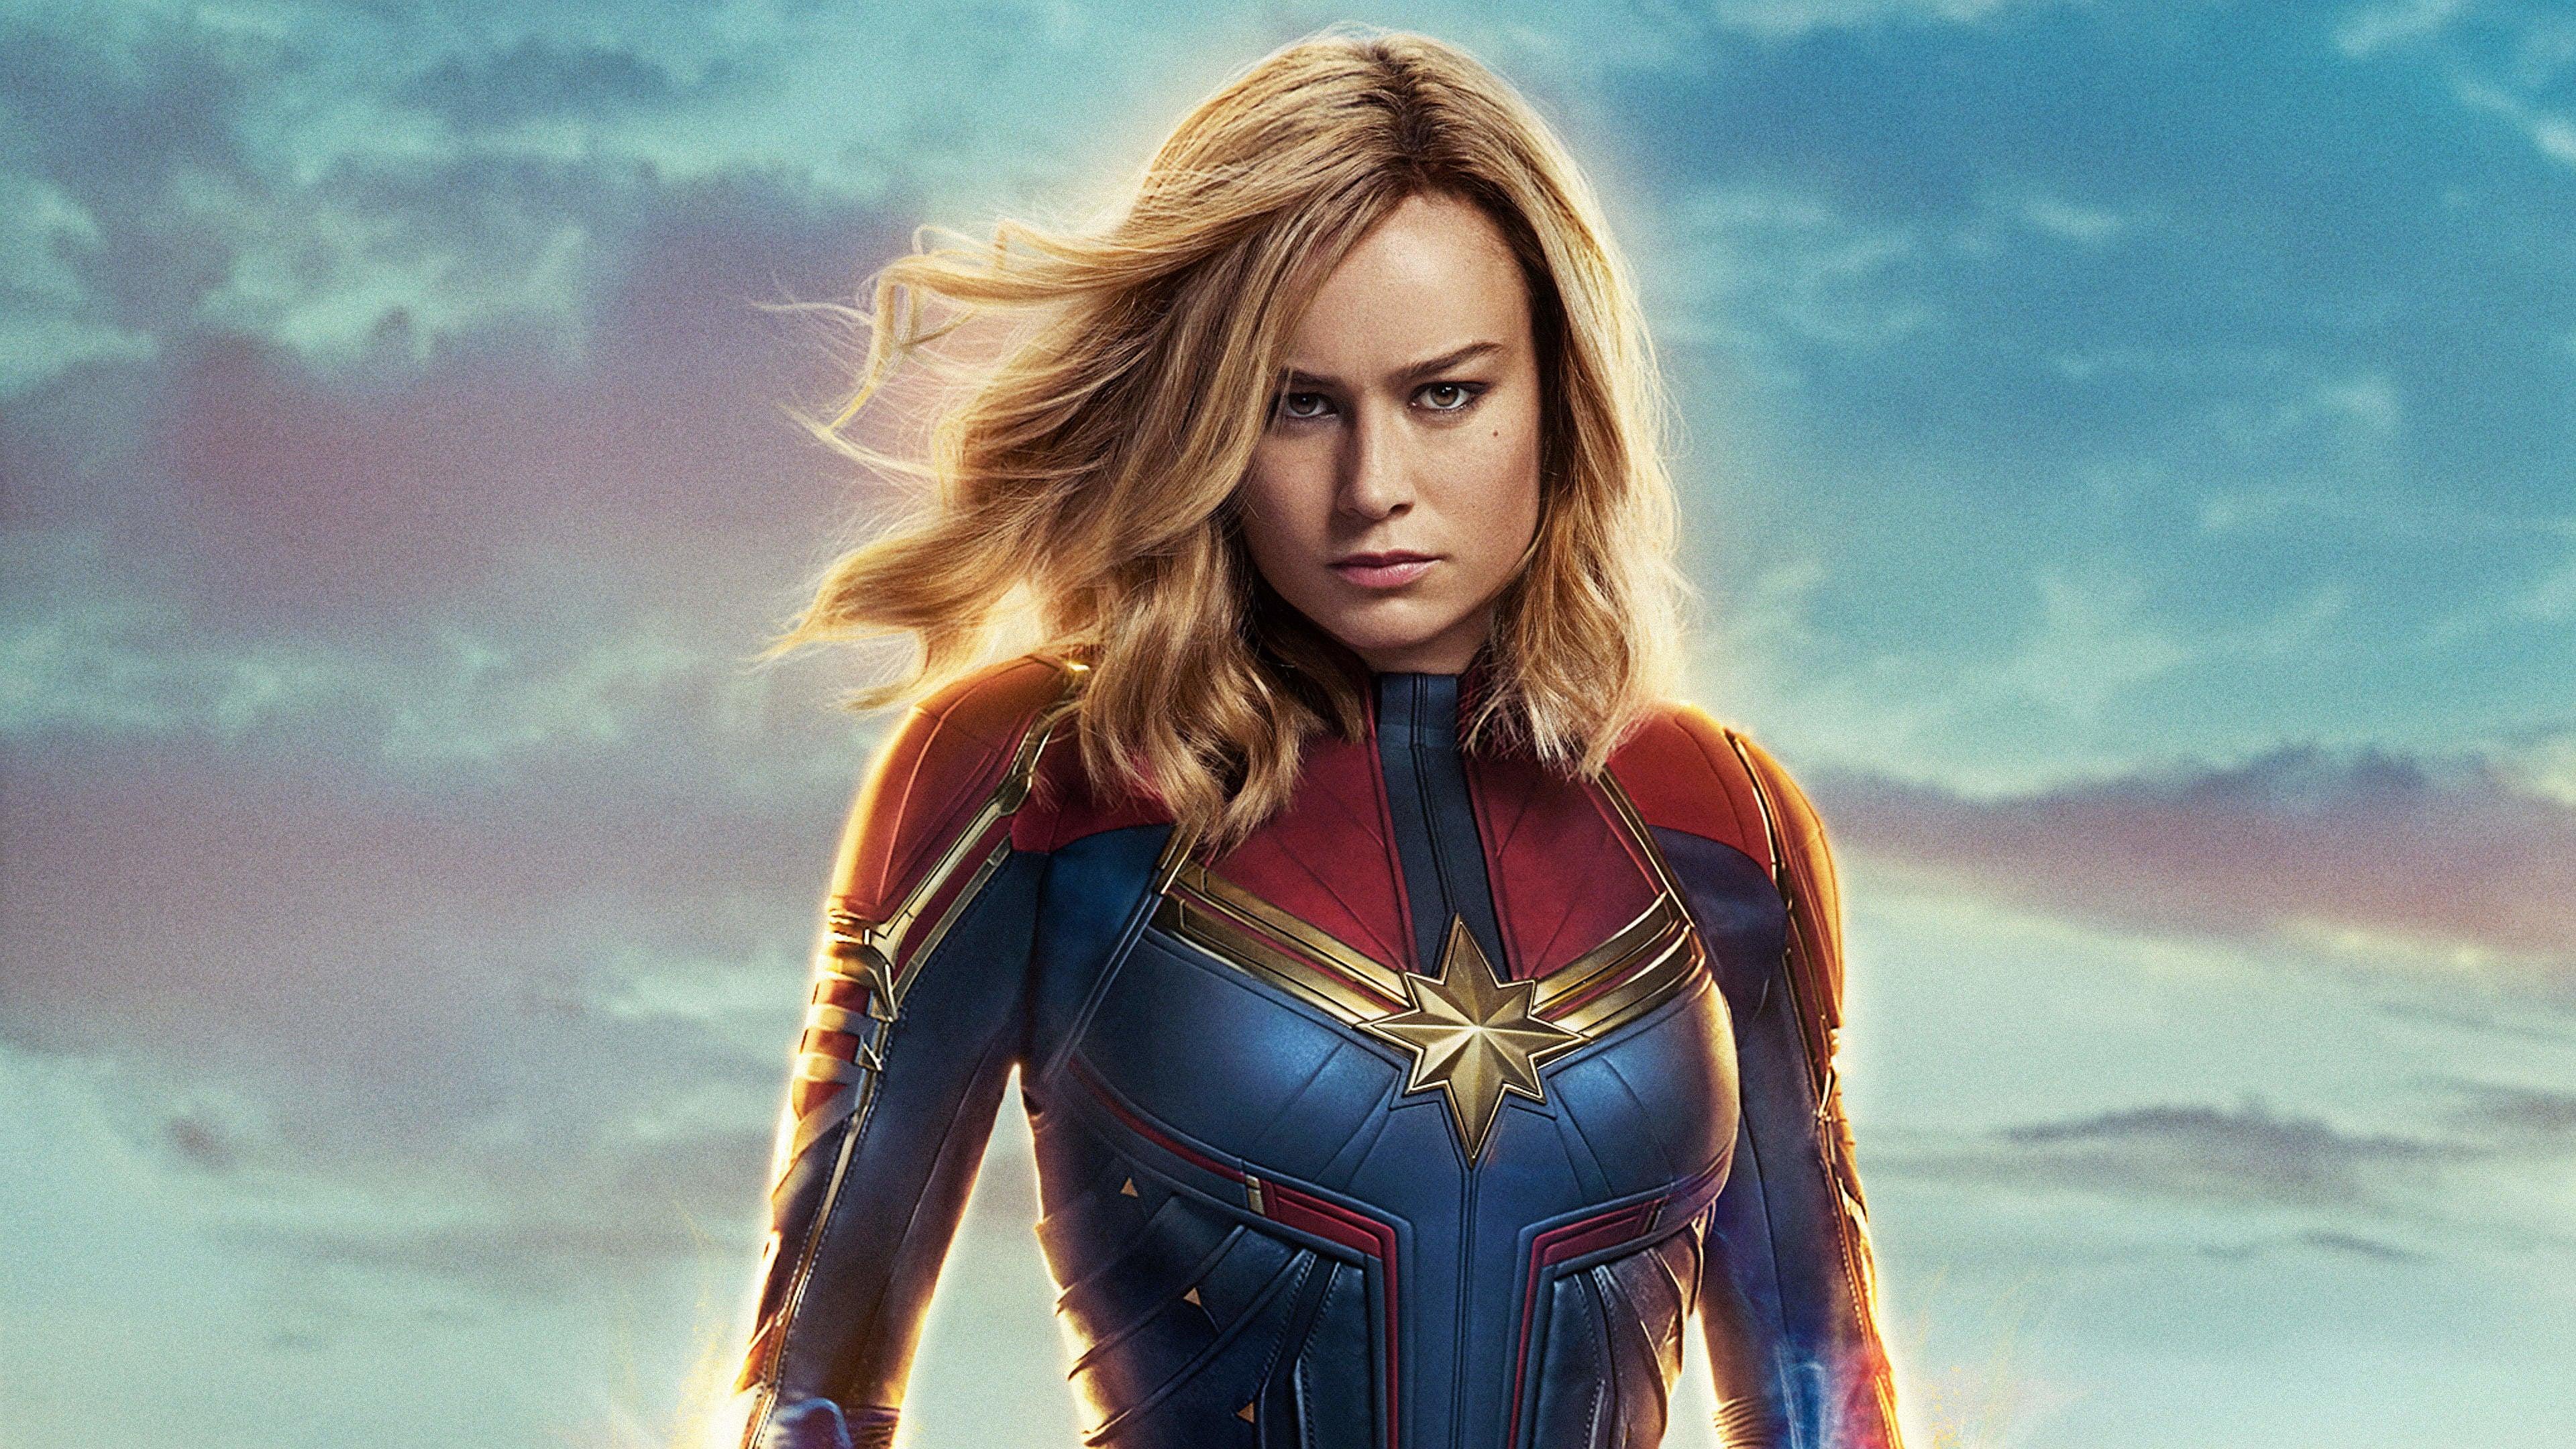 Captain Marvel Fantasy Art Wallpapers Hd Desktop And: Captain Marvel Movie 4k 2019, HD Movies, 4k Wallpapers